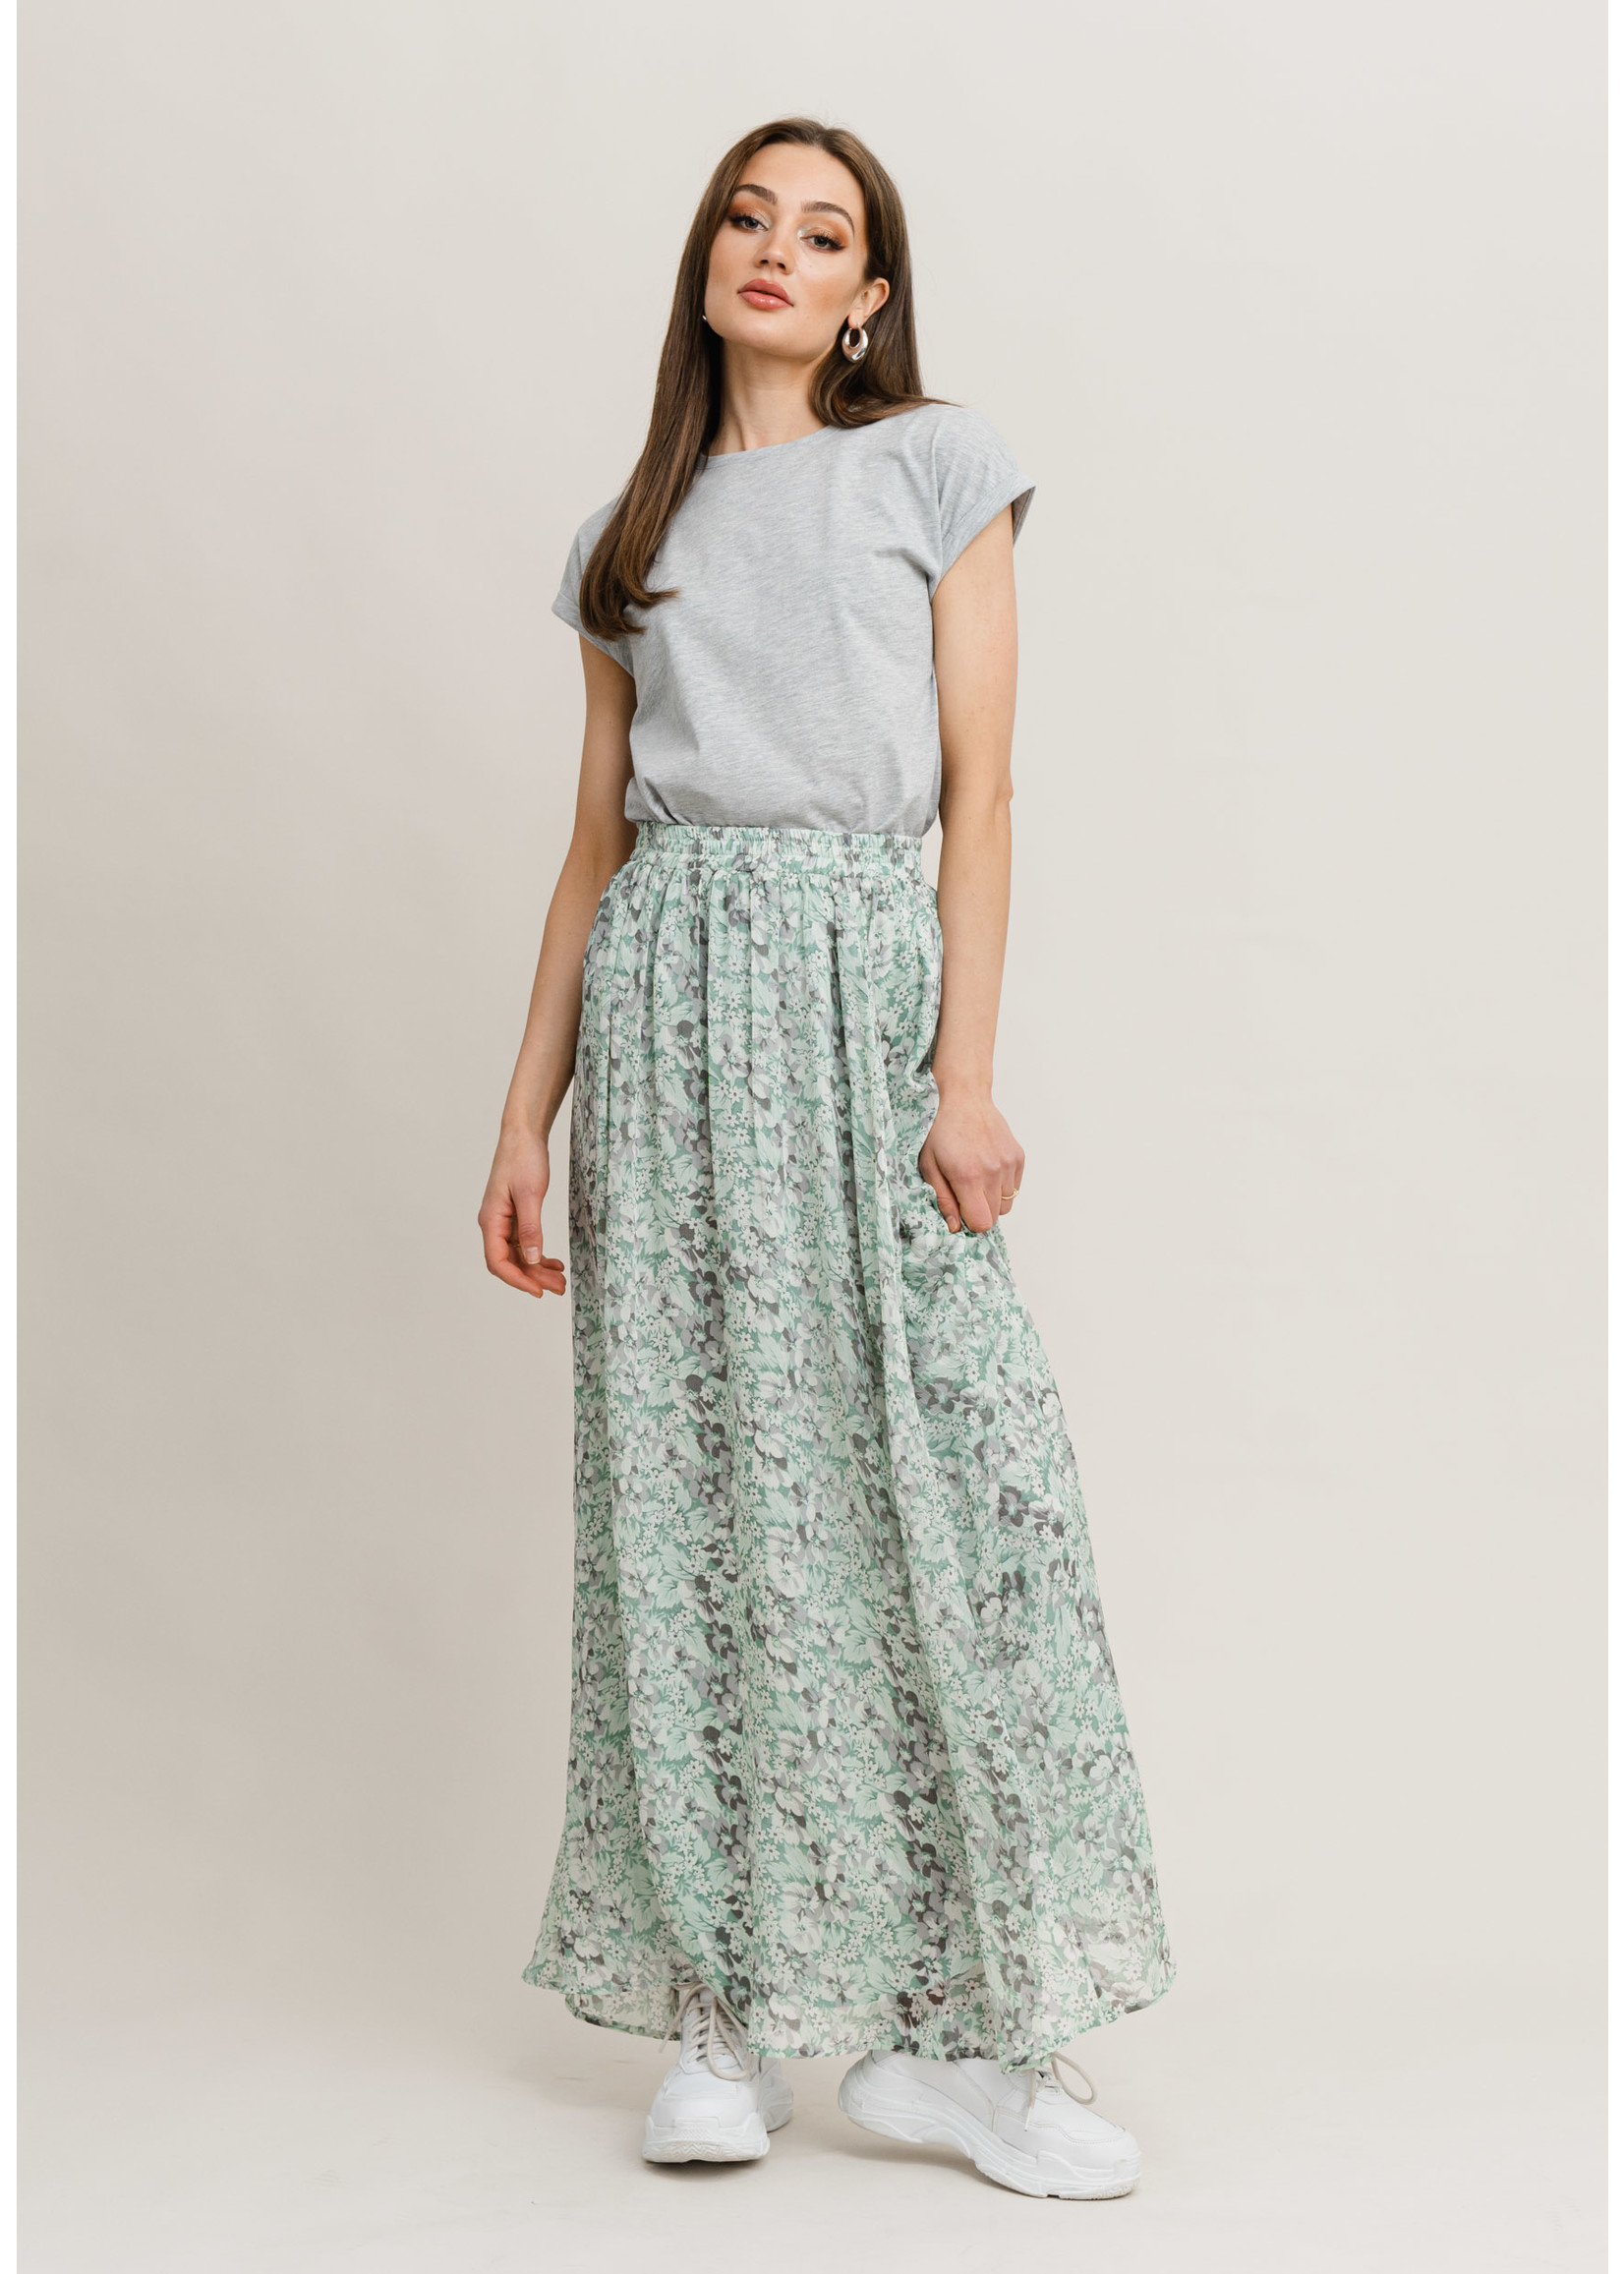 Rutandcircle Skirt sienna mint flower